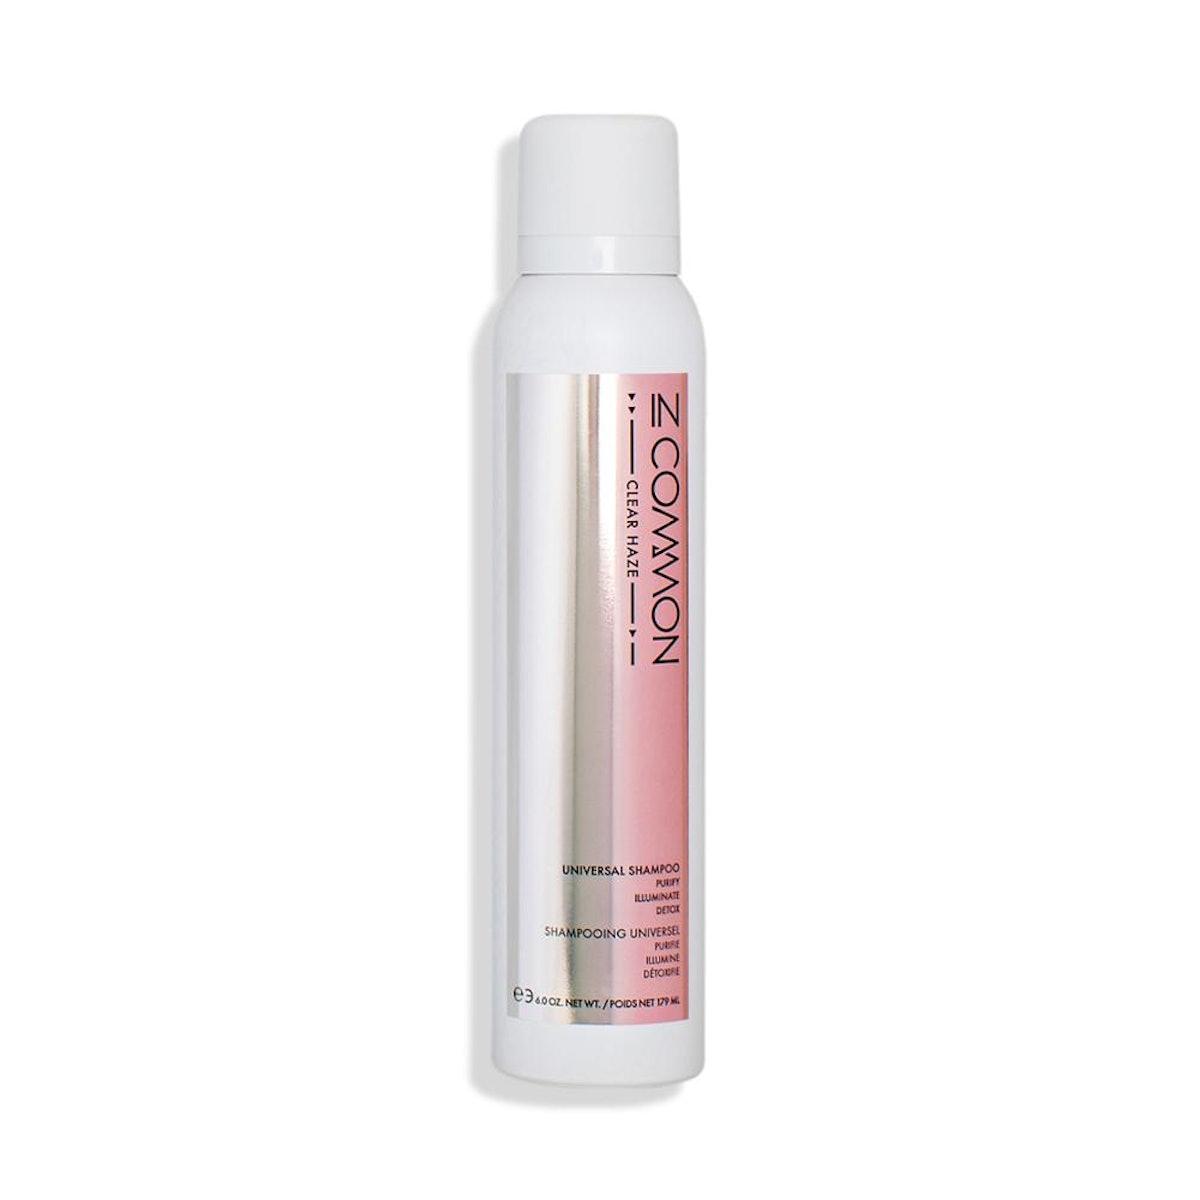 Clear Haze Universal Shampoo